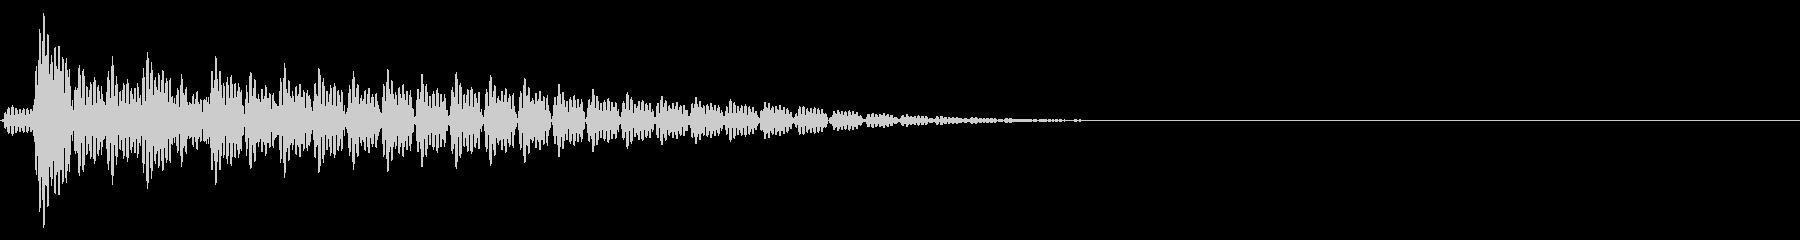 Anime PC起動・シャットダウンの音の未再生の波形